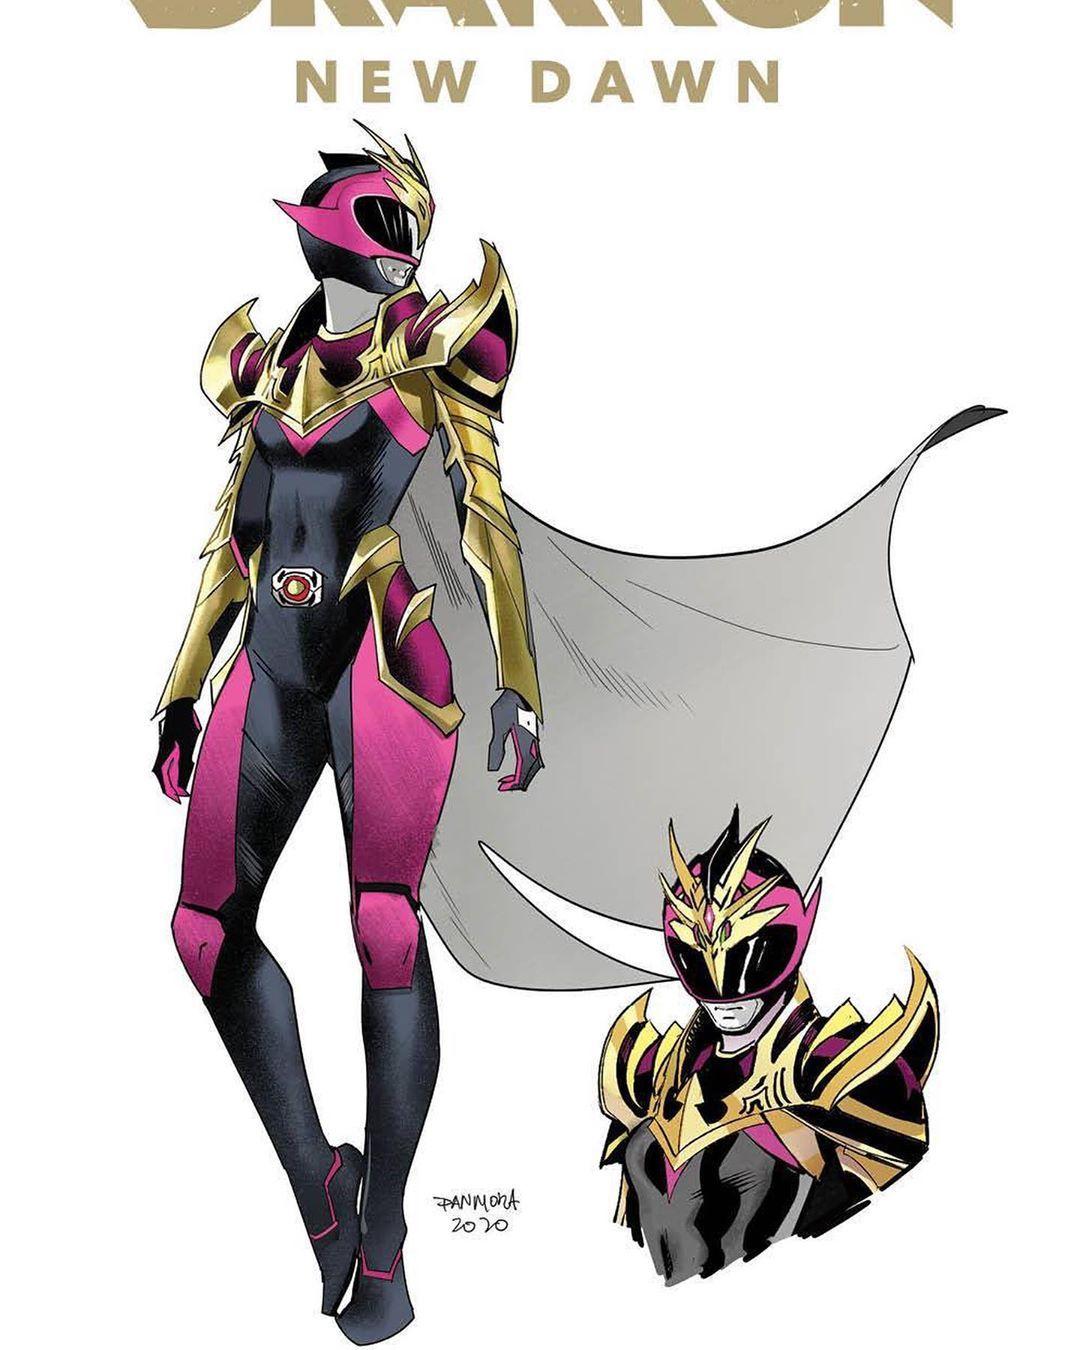 Dan Mora Chaves On Instagram Powerrangers Drakkonnewdawn Character Design In 2020 Power Rangers Power Rangers Art Ranger